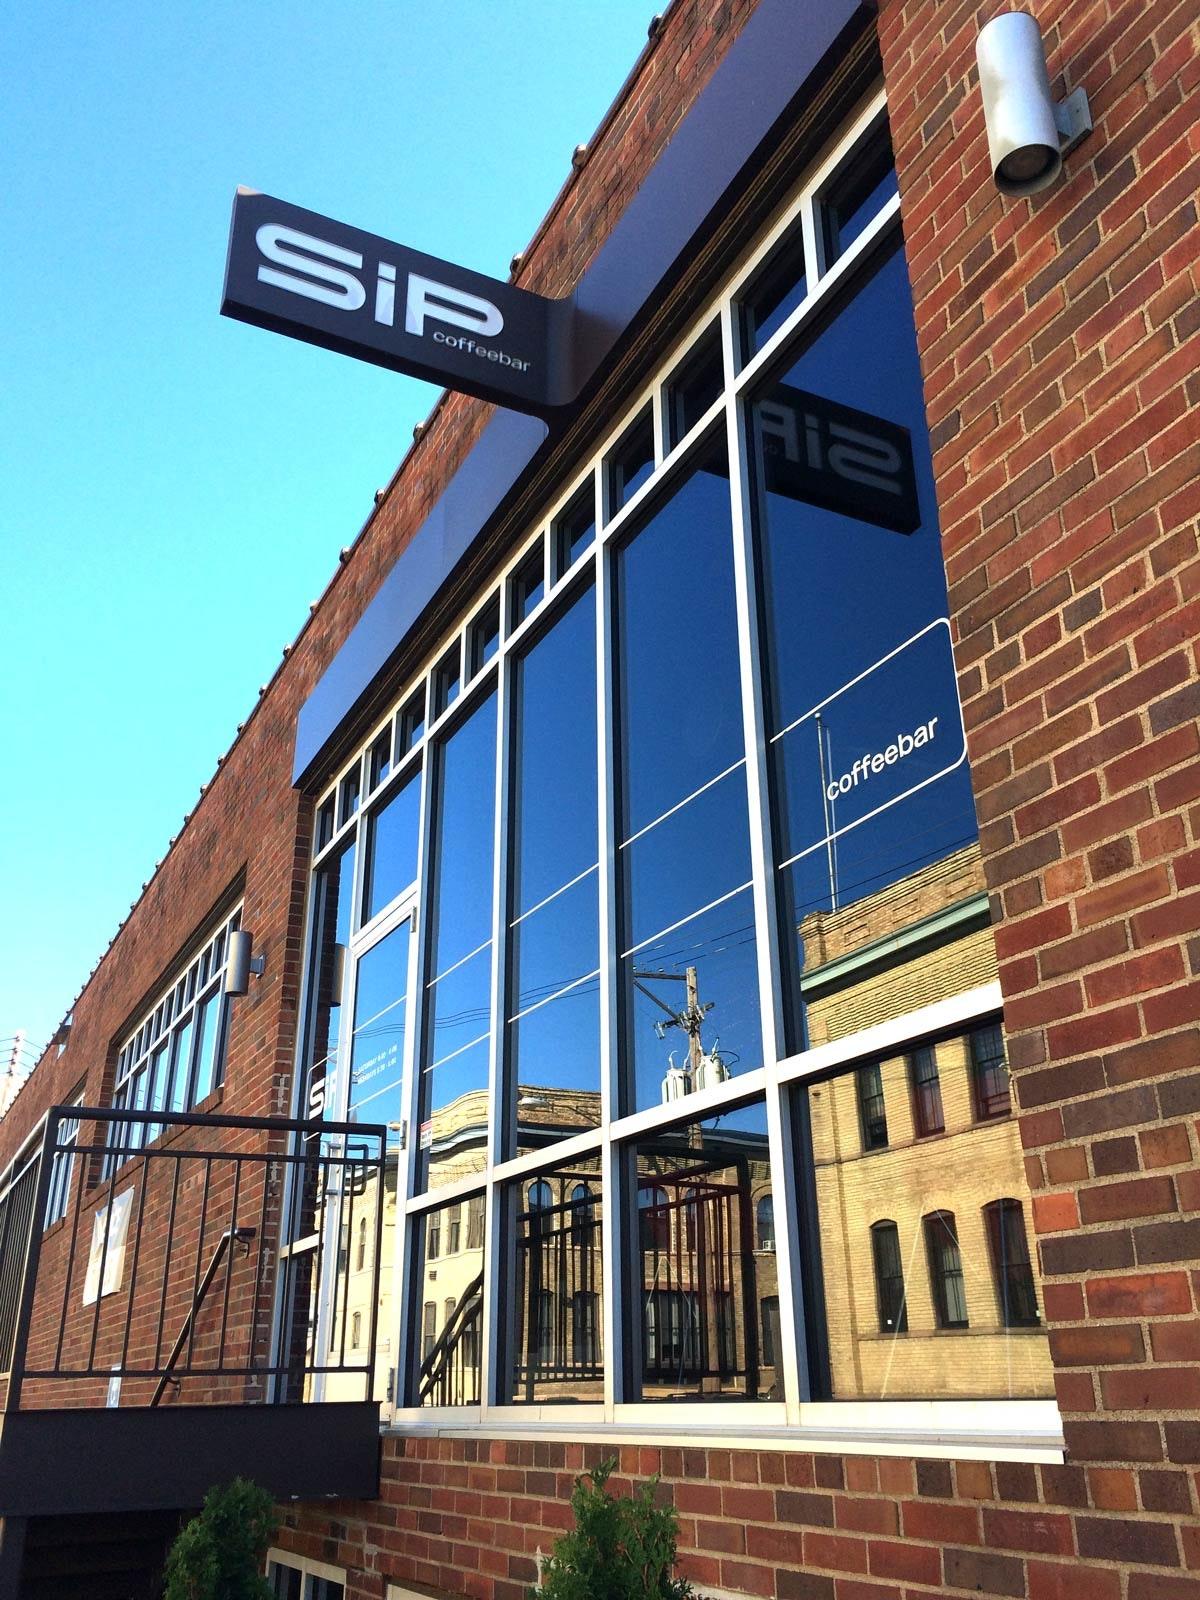 SiP Coffeebar